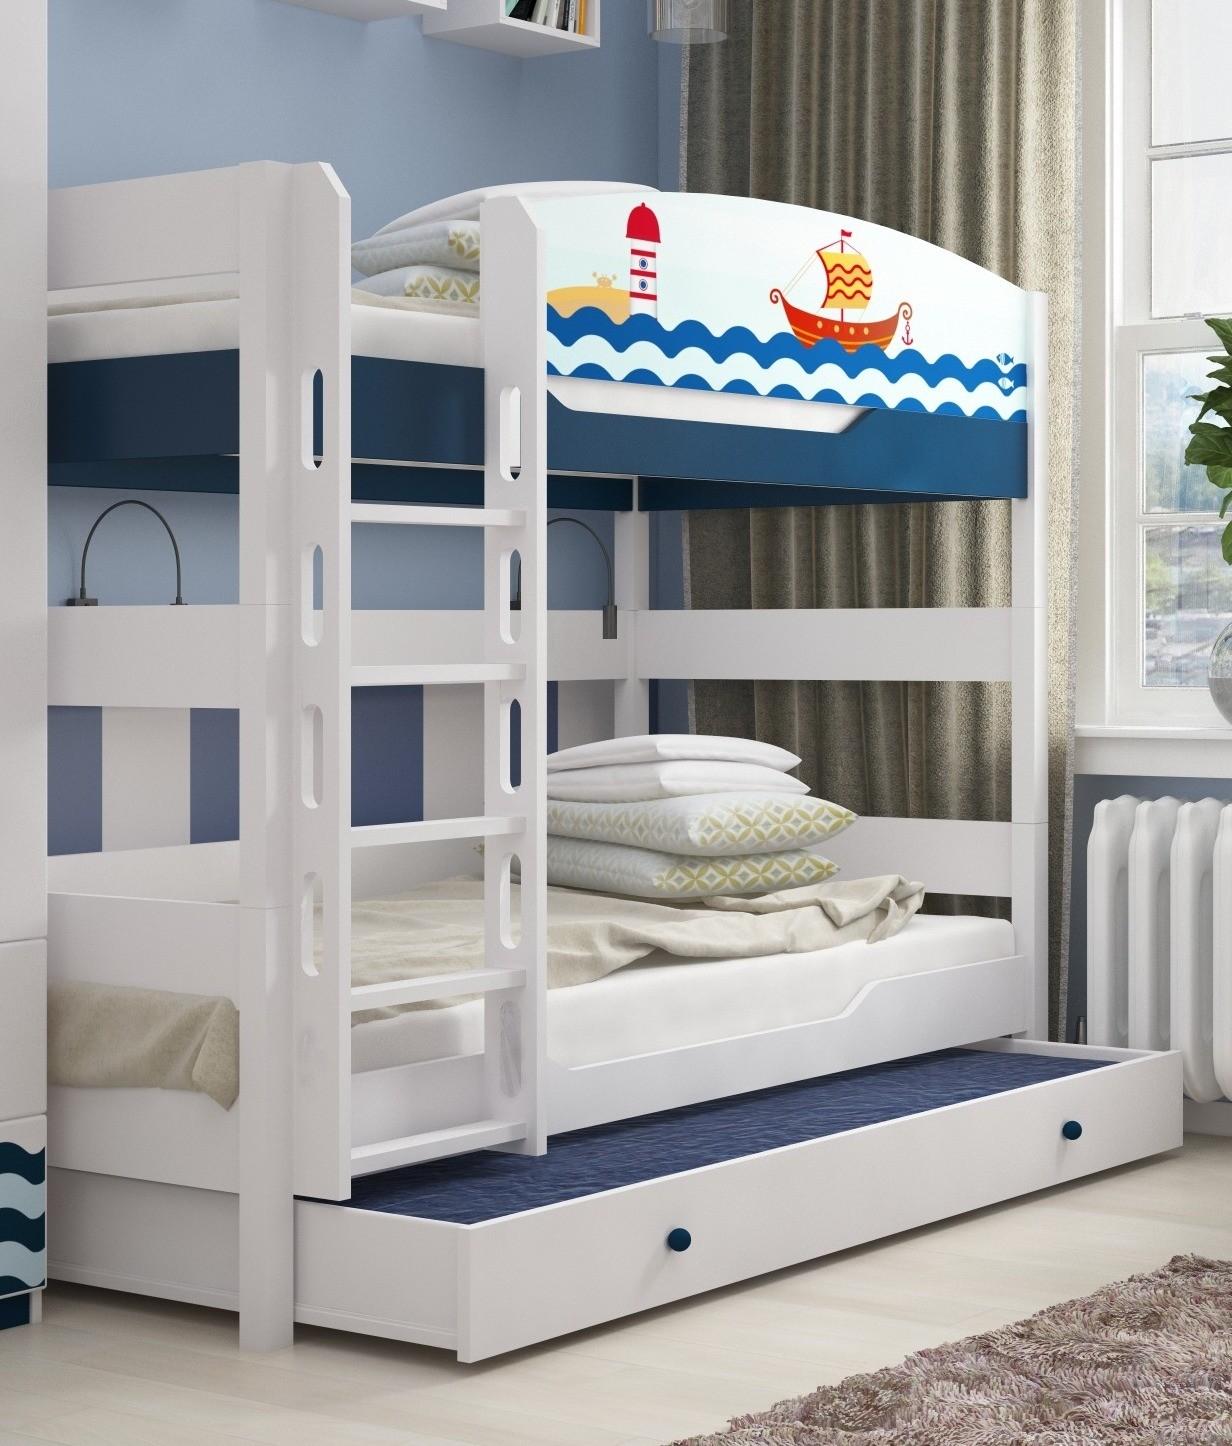 Белая детская кровать в морском стиле